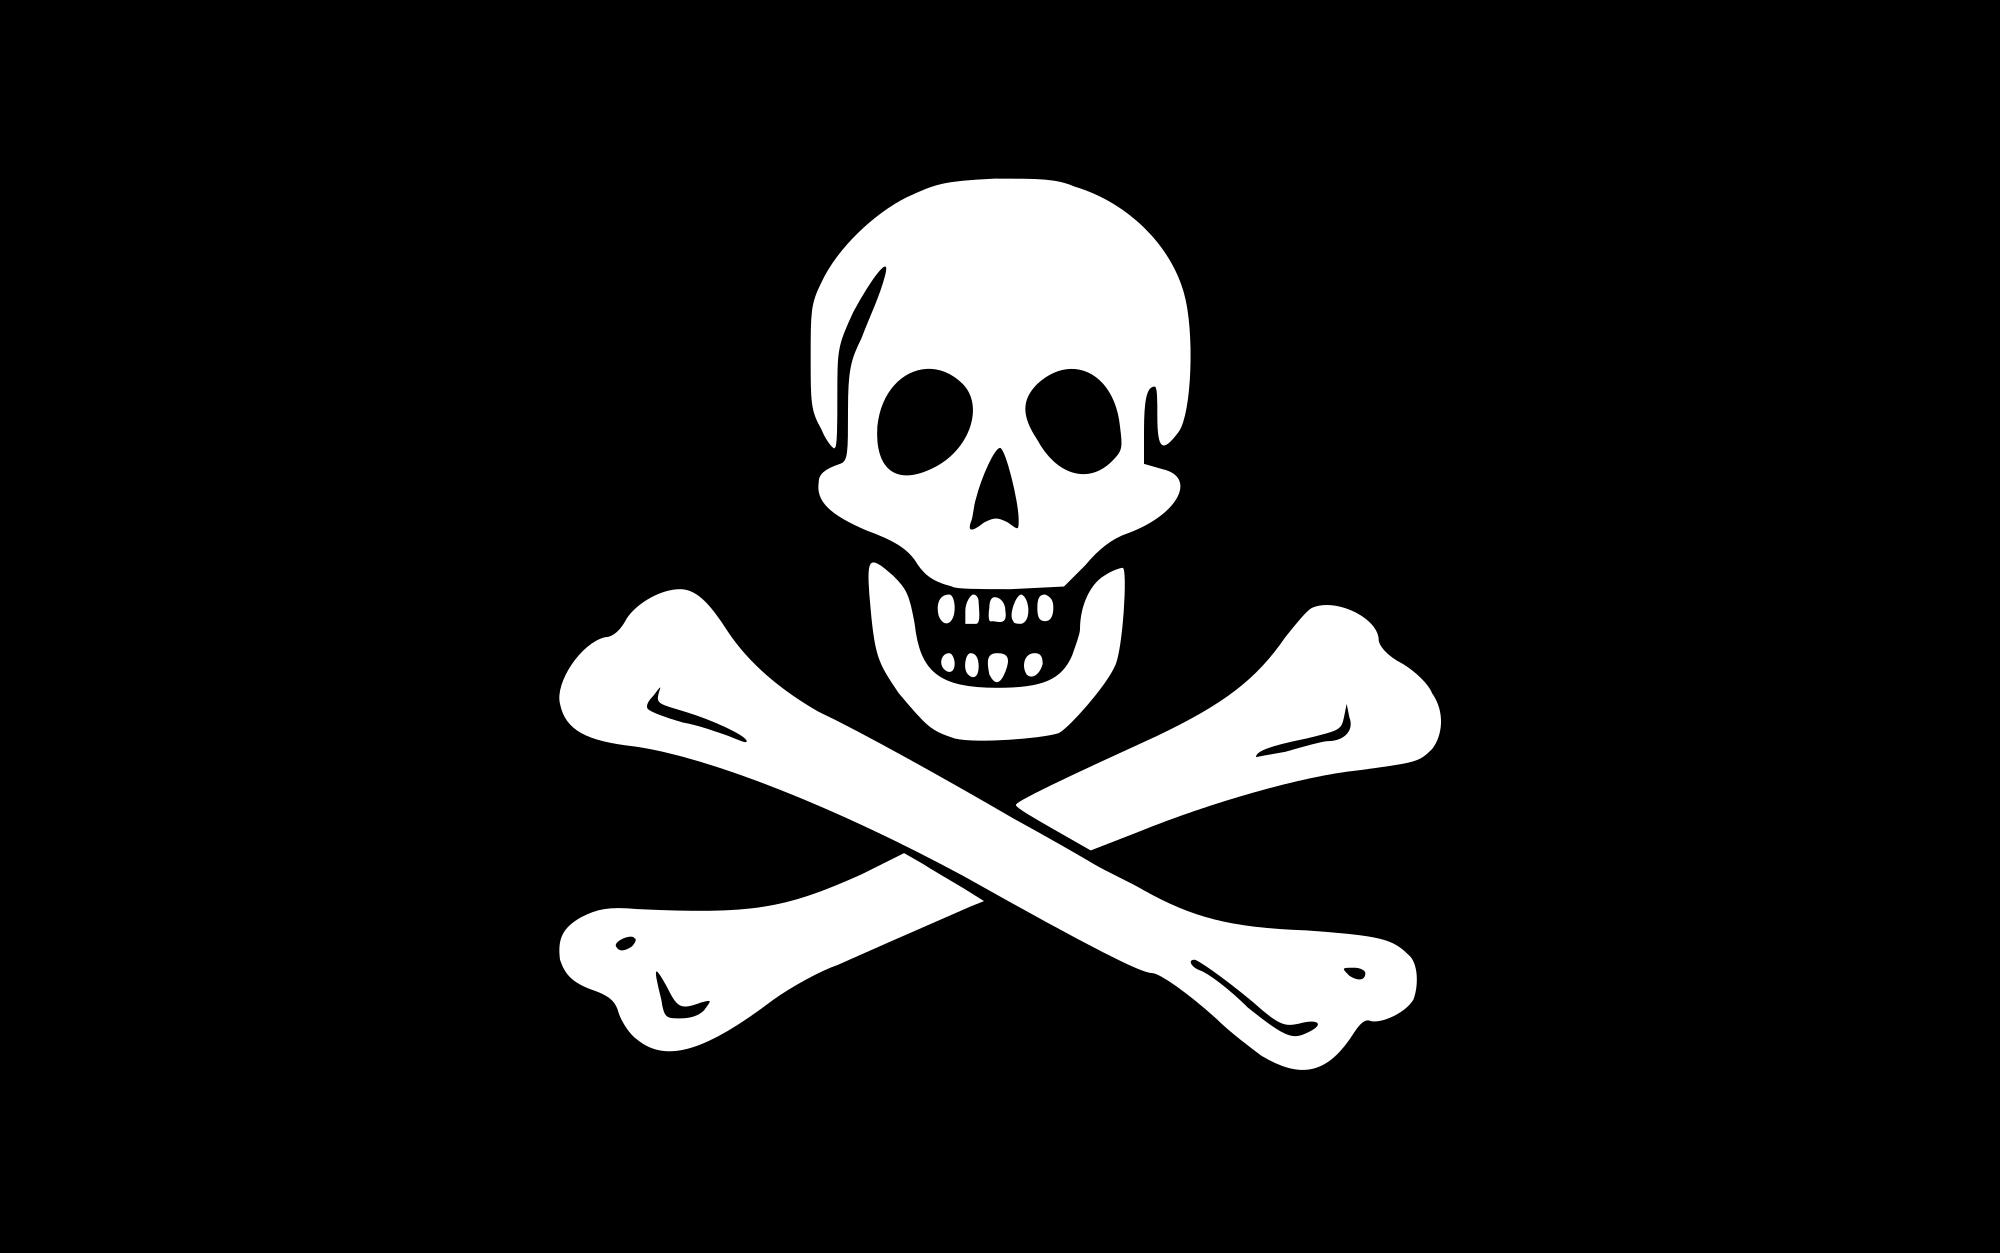 пираты реальная история sea of thieves отвратительные мужики disgusting men